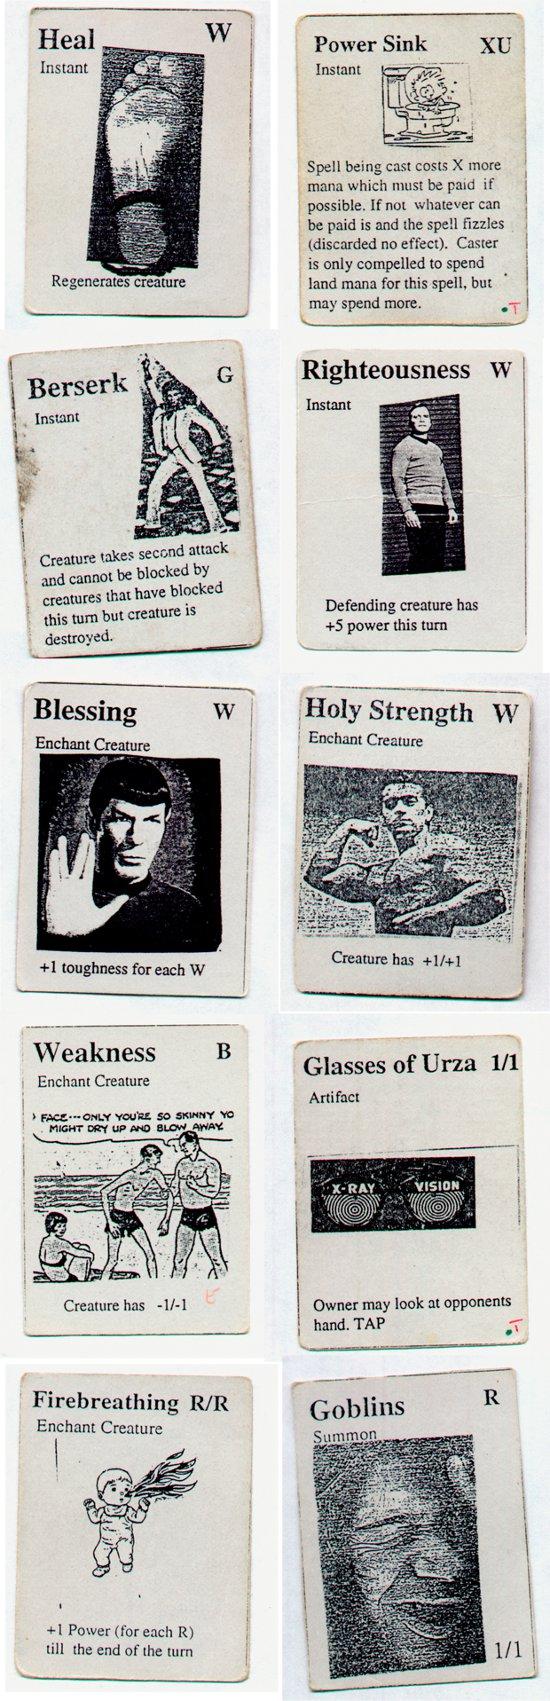 4rgstutsz8_playtestcards1.jpg